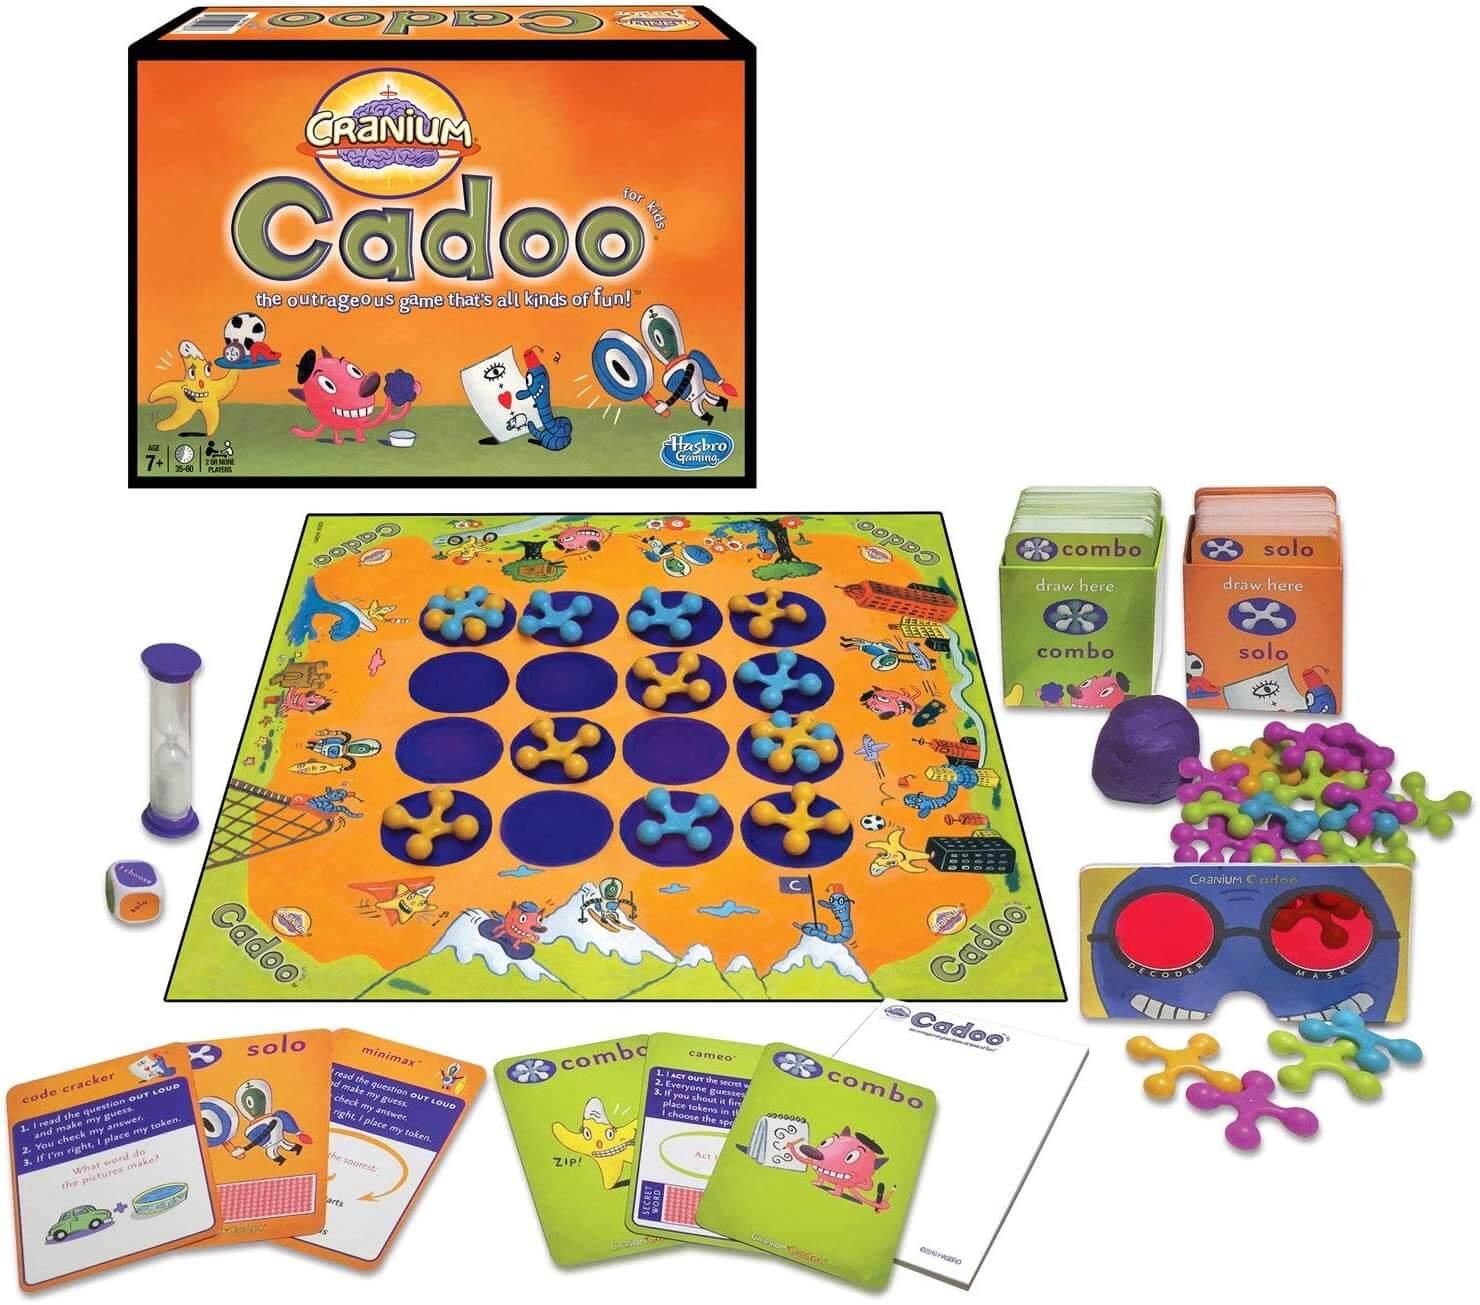 Cadoo Image